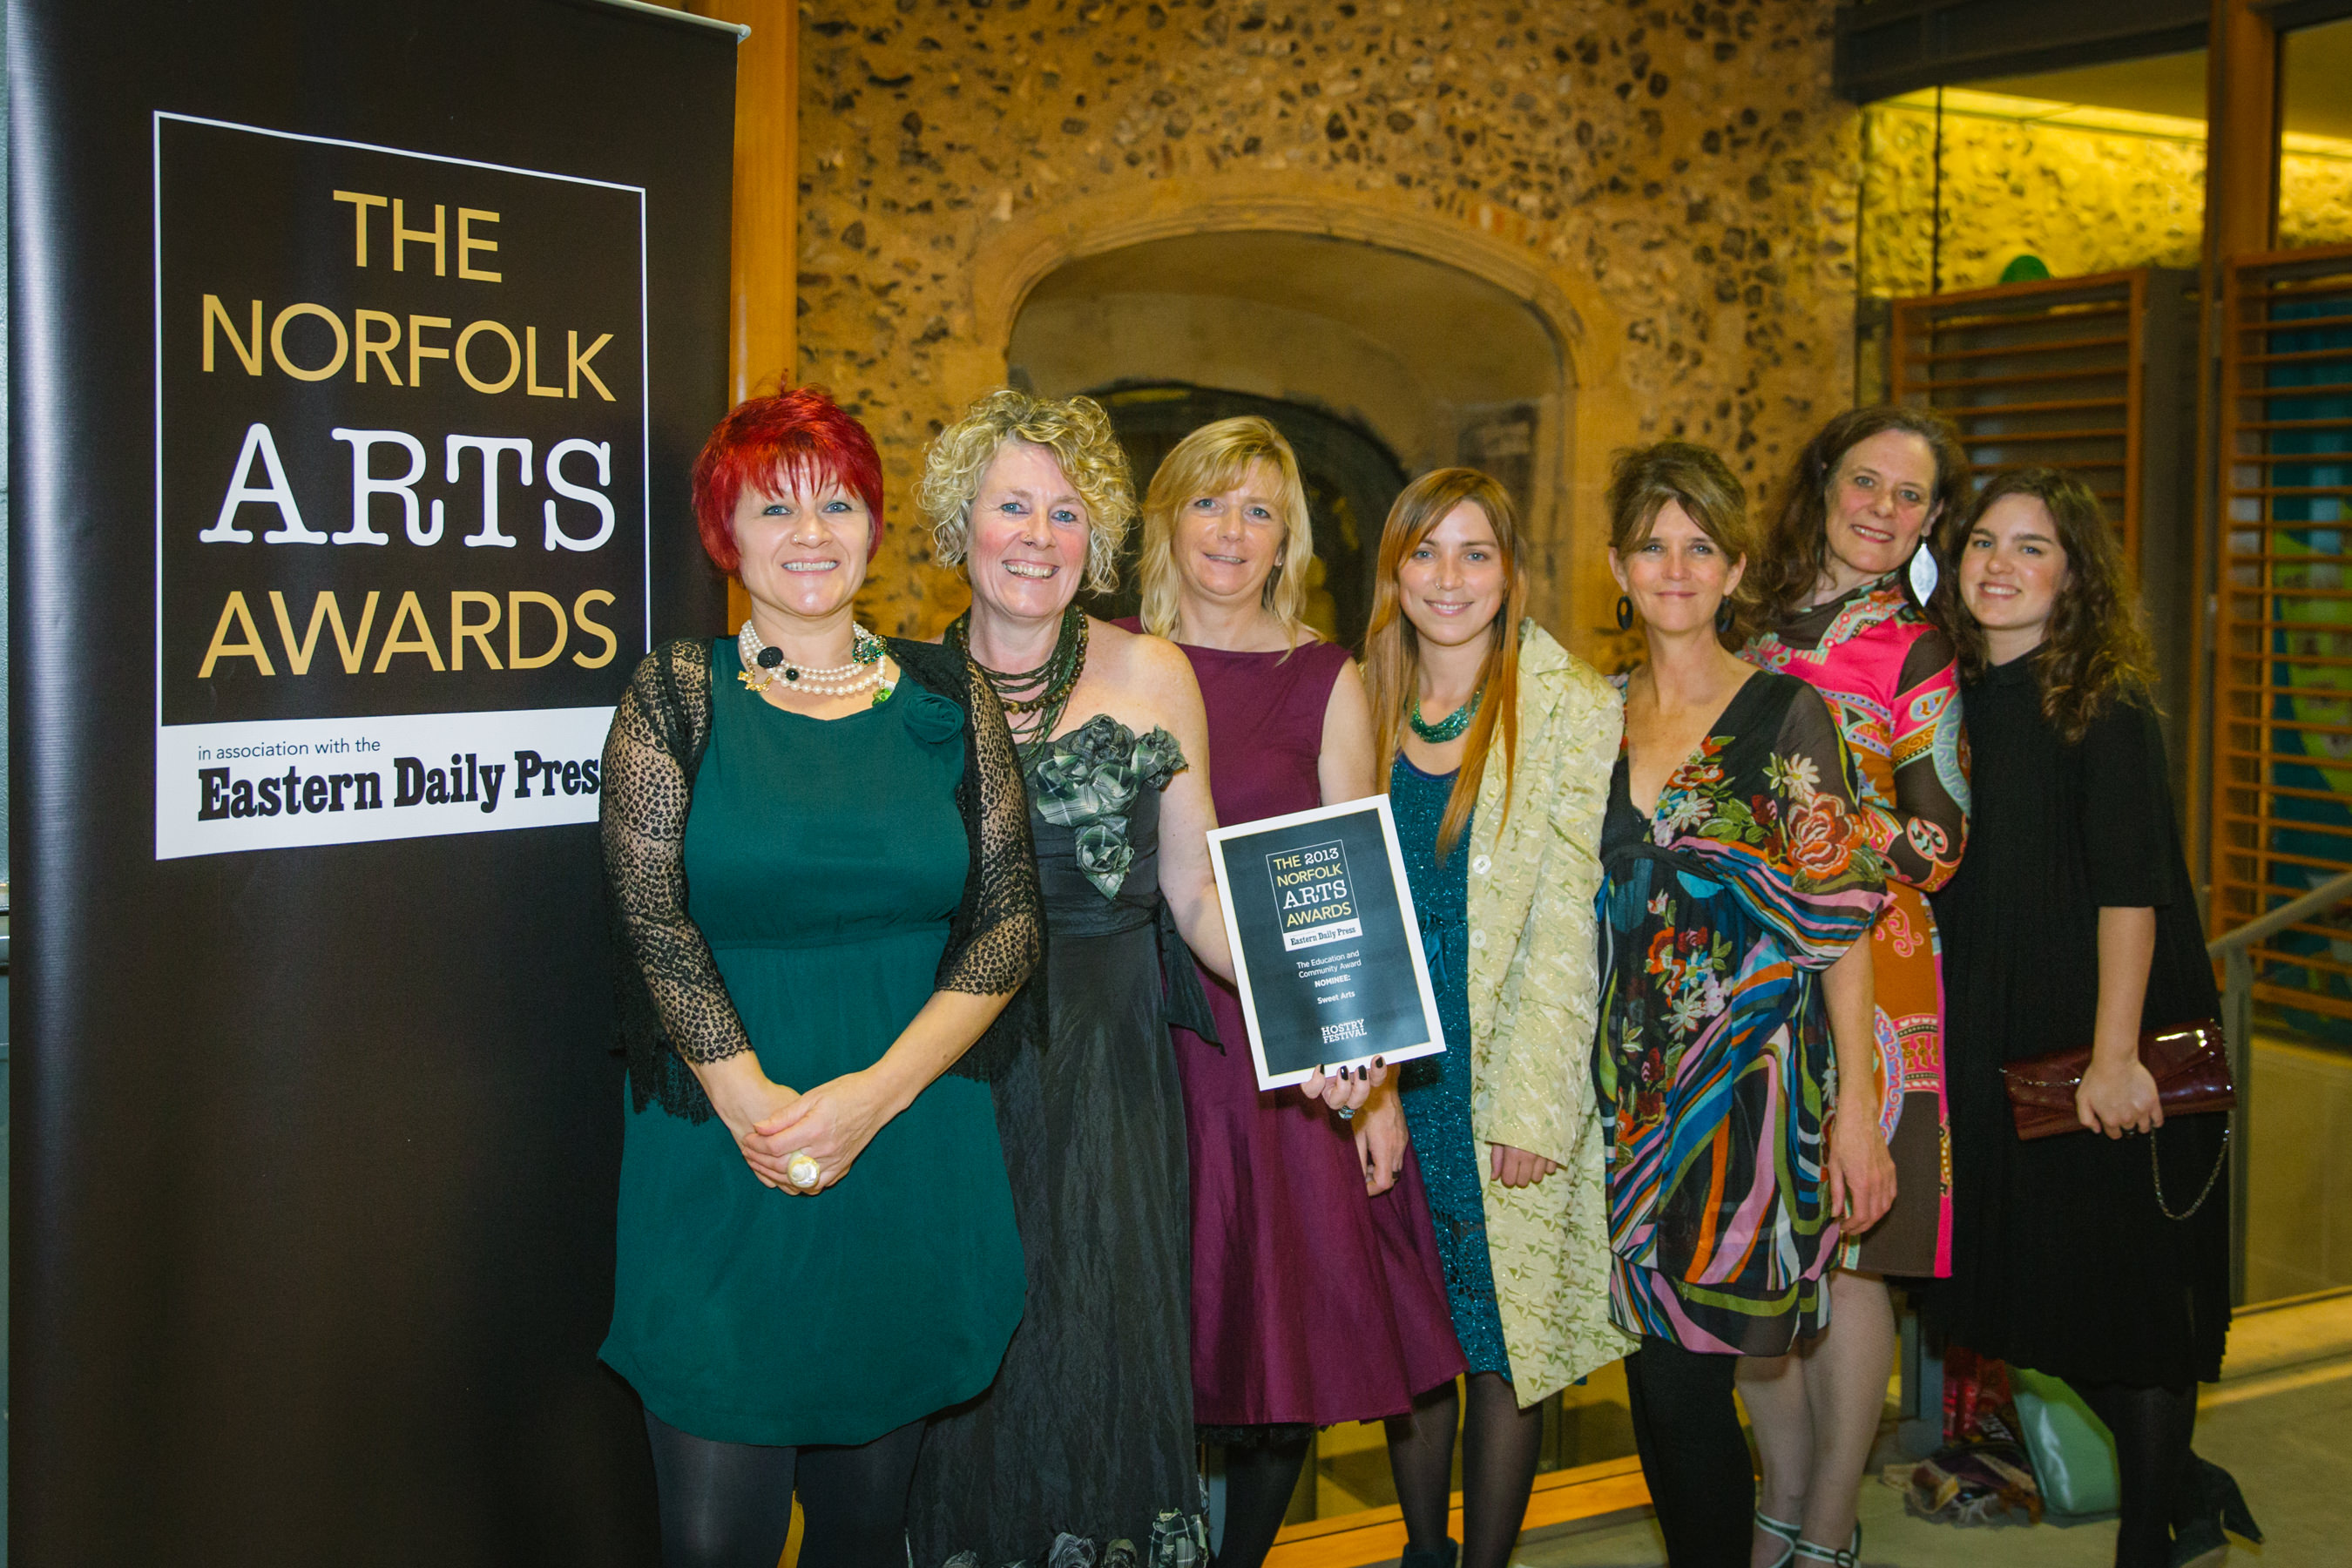 Norfolk Arts Awards 2013